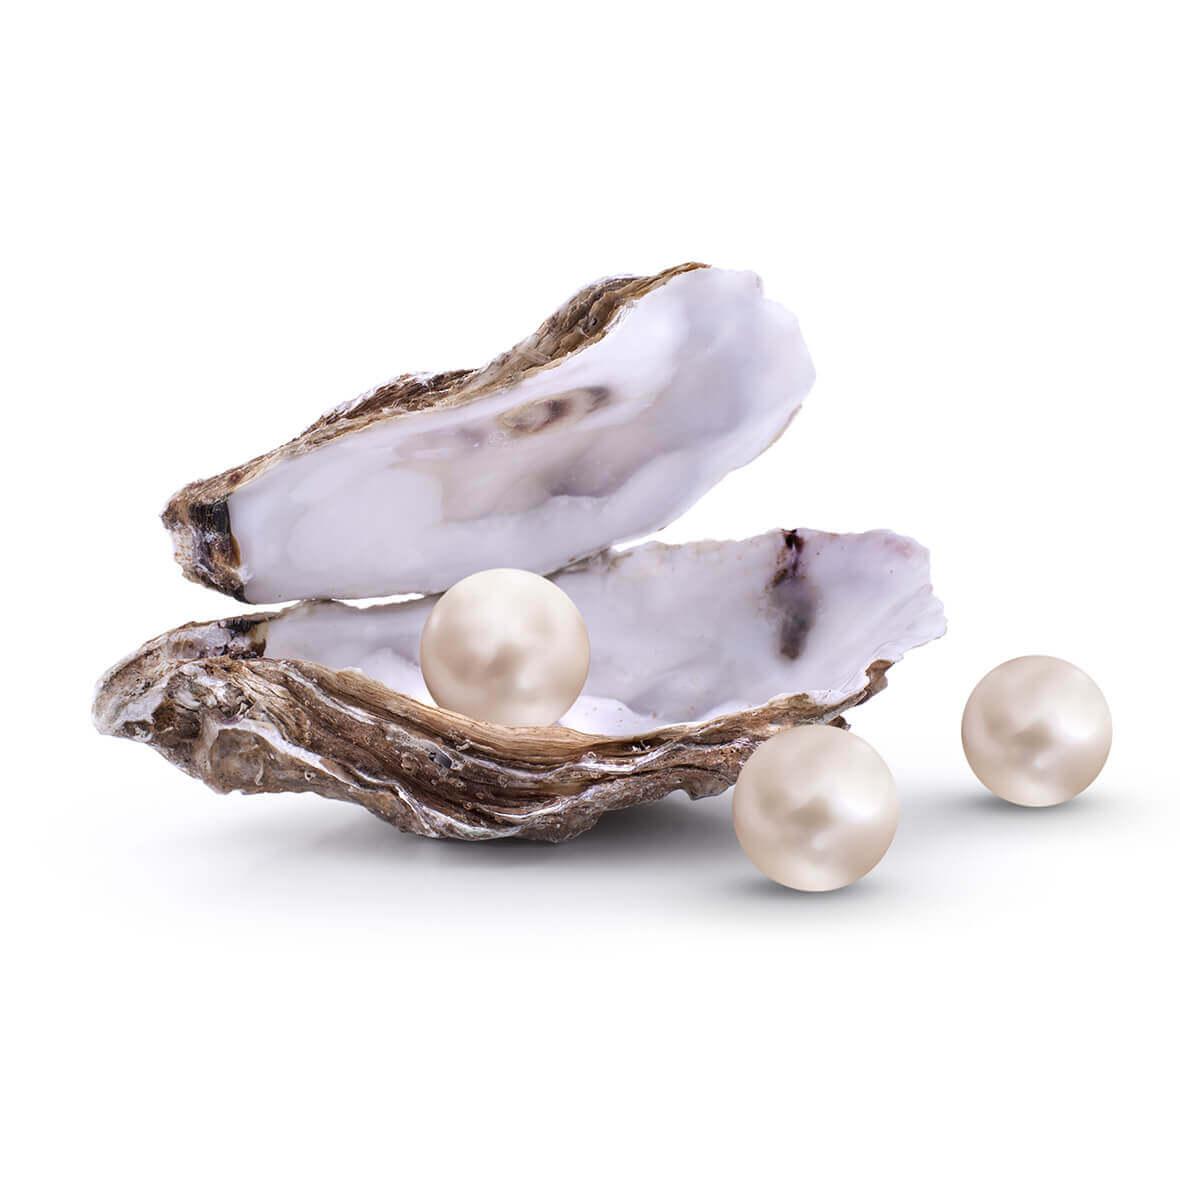 Austern - für einen mattierten Teint, gesunden Zellschutz & eine geschmeidig, schöne Haut